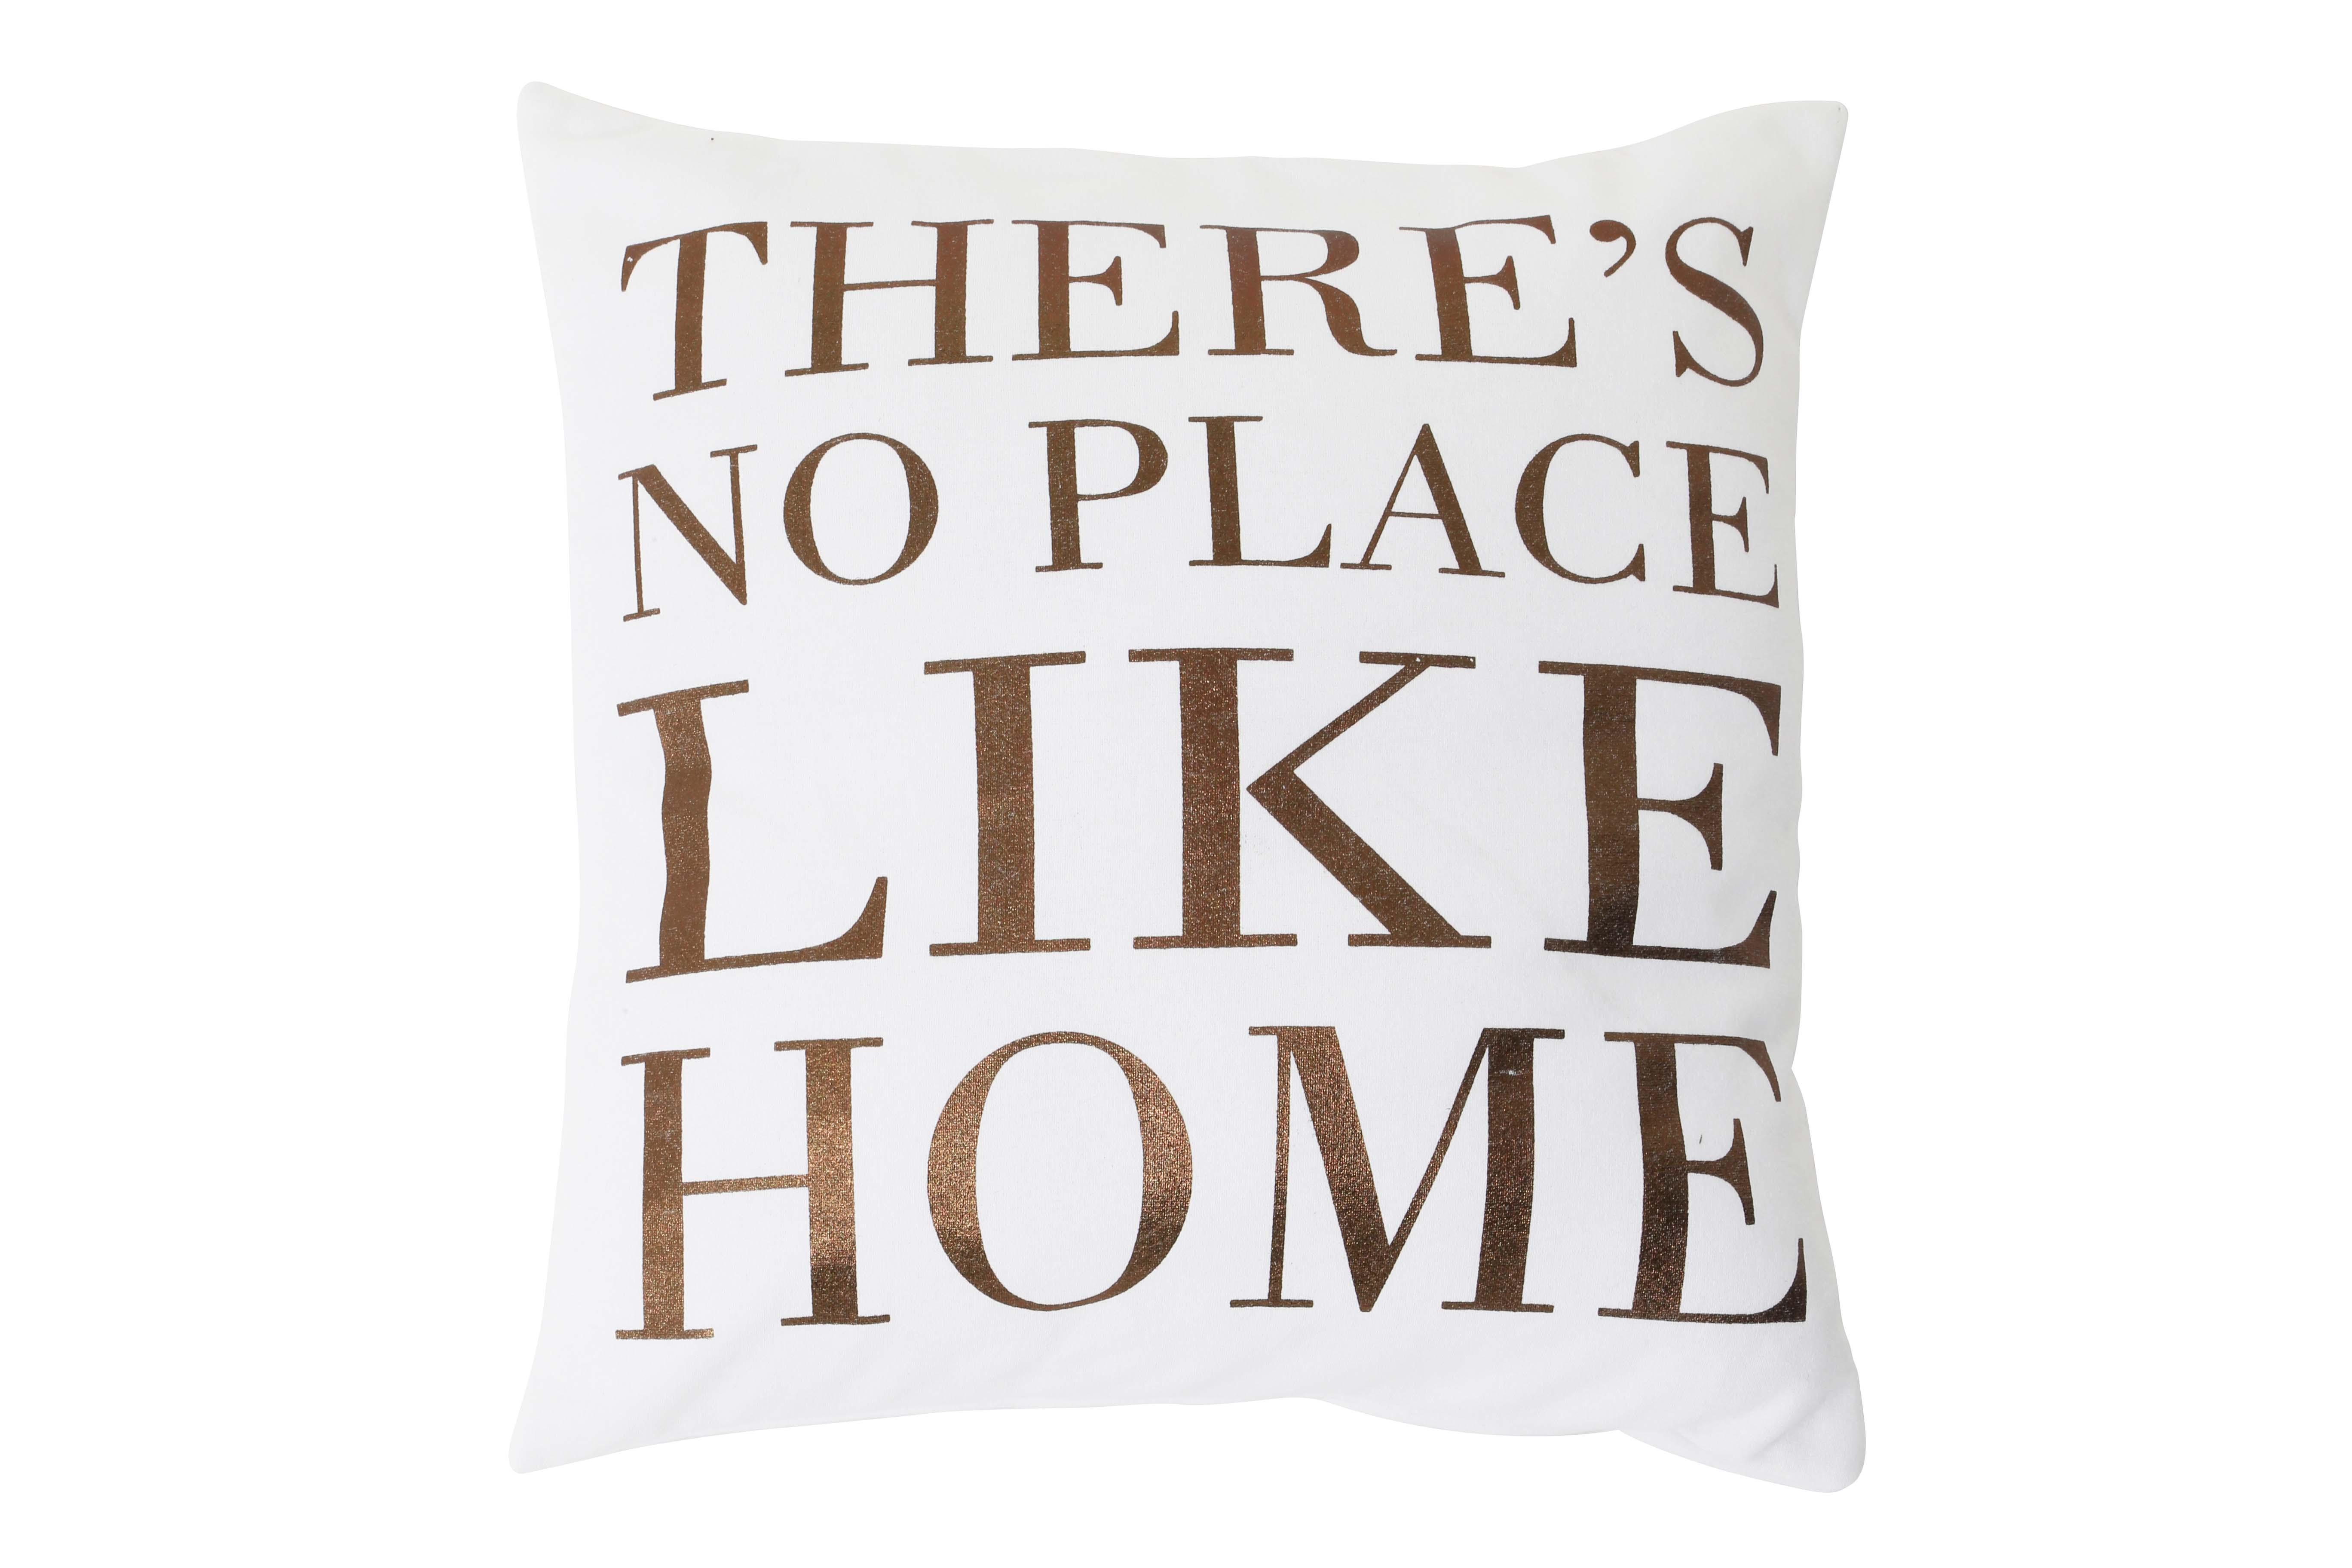 Подушка PlaceКвадратные подушки<br>Декоративная подушка в белой наволочке с надписью &amp;quot;нет места лучше дома&amp;quot; от голландского бренда light &amp;amp;amp; living. Стильно будет смотреться и добавит яркий акцент на диване или кровати.<br><br>Material: Текстиль<br>Width см: 50<br>Depth см: 10<br>Height см: 50